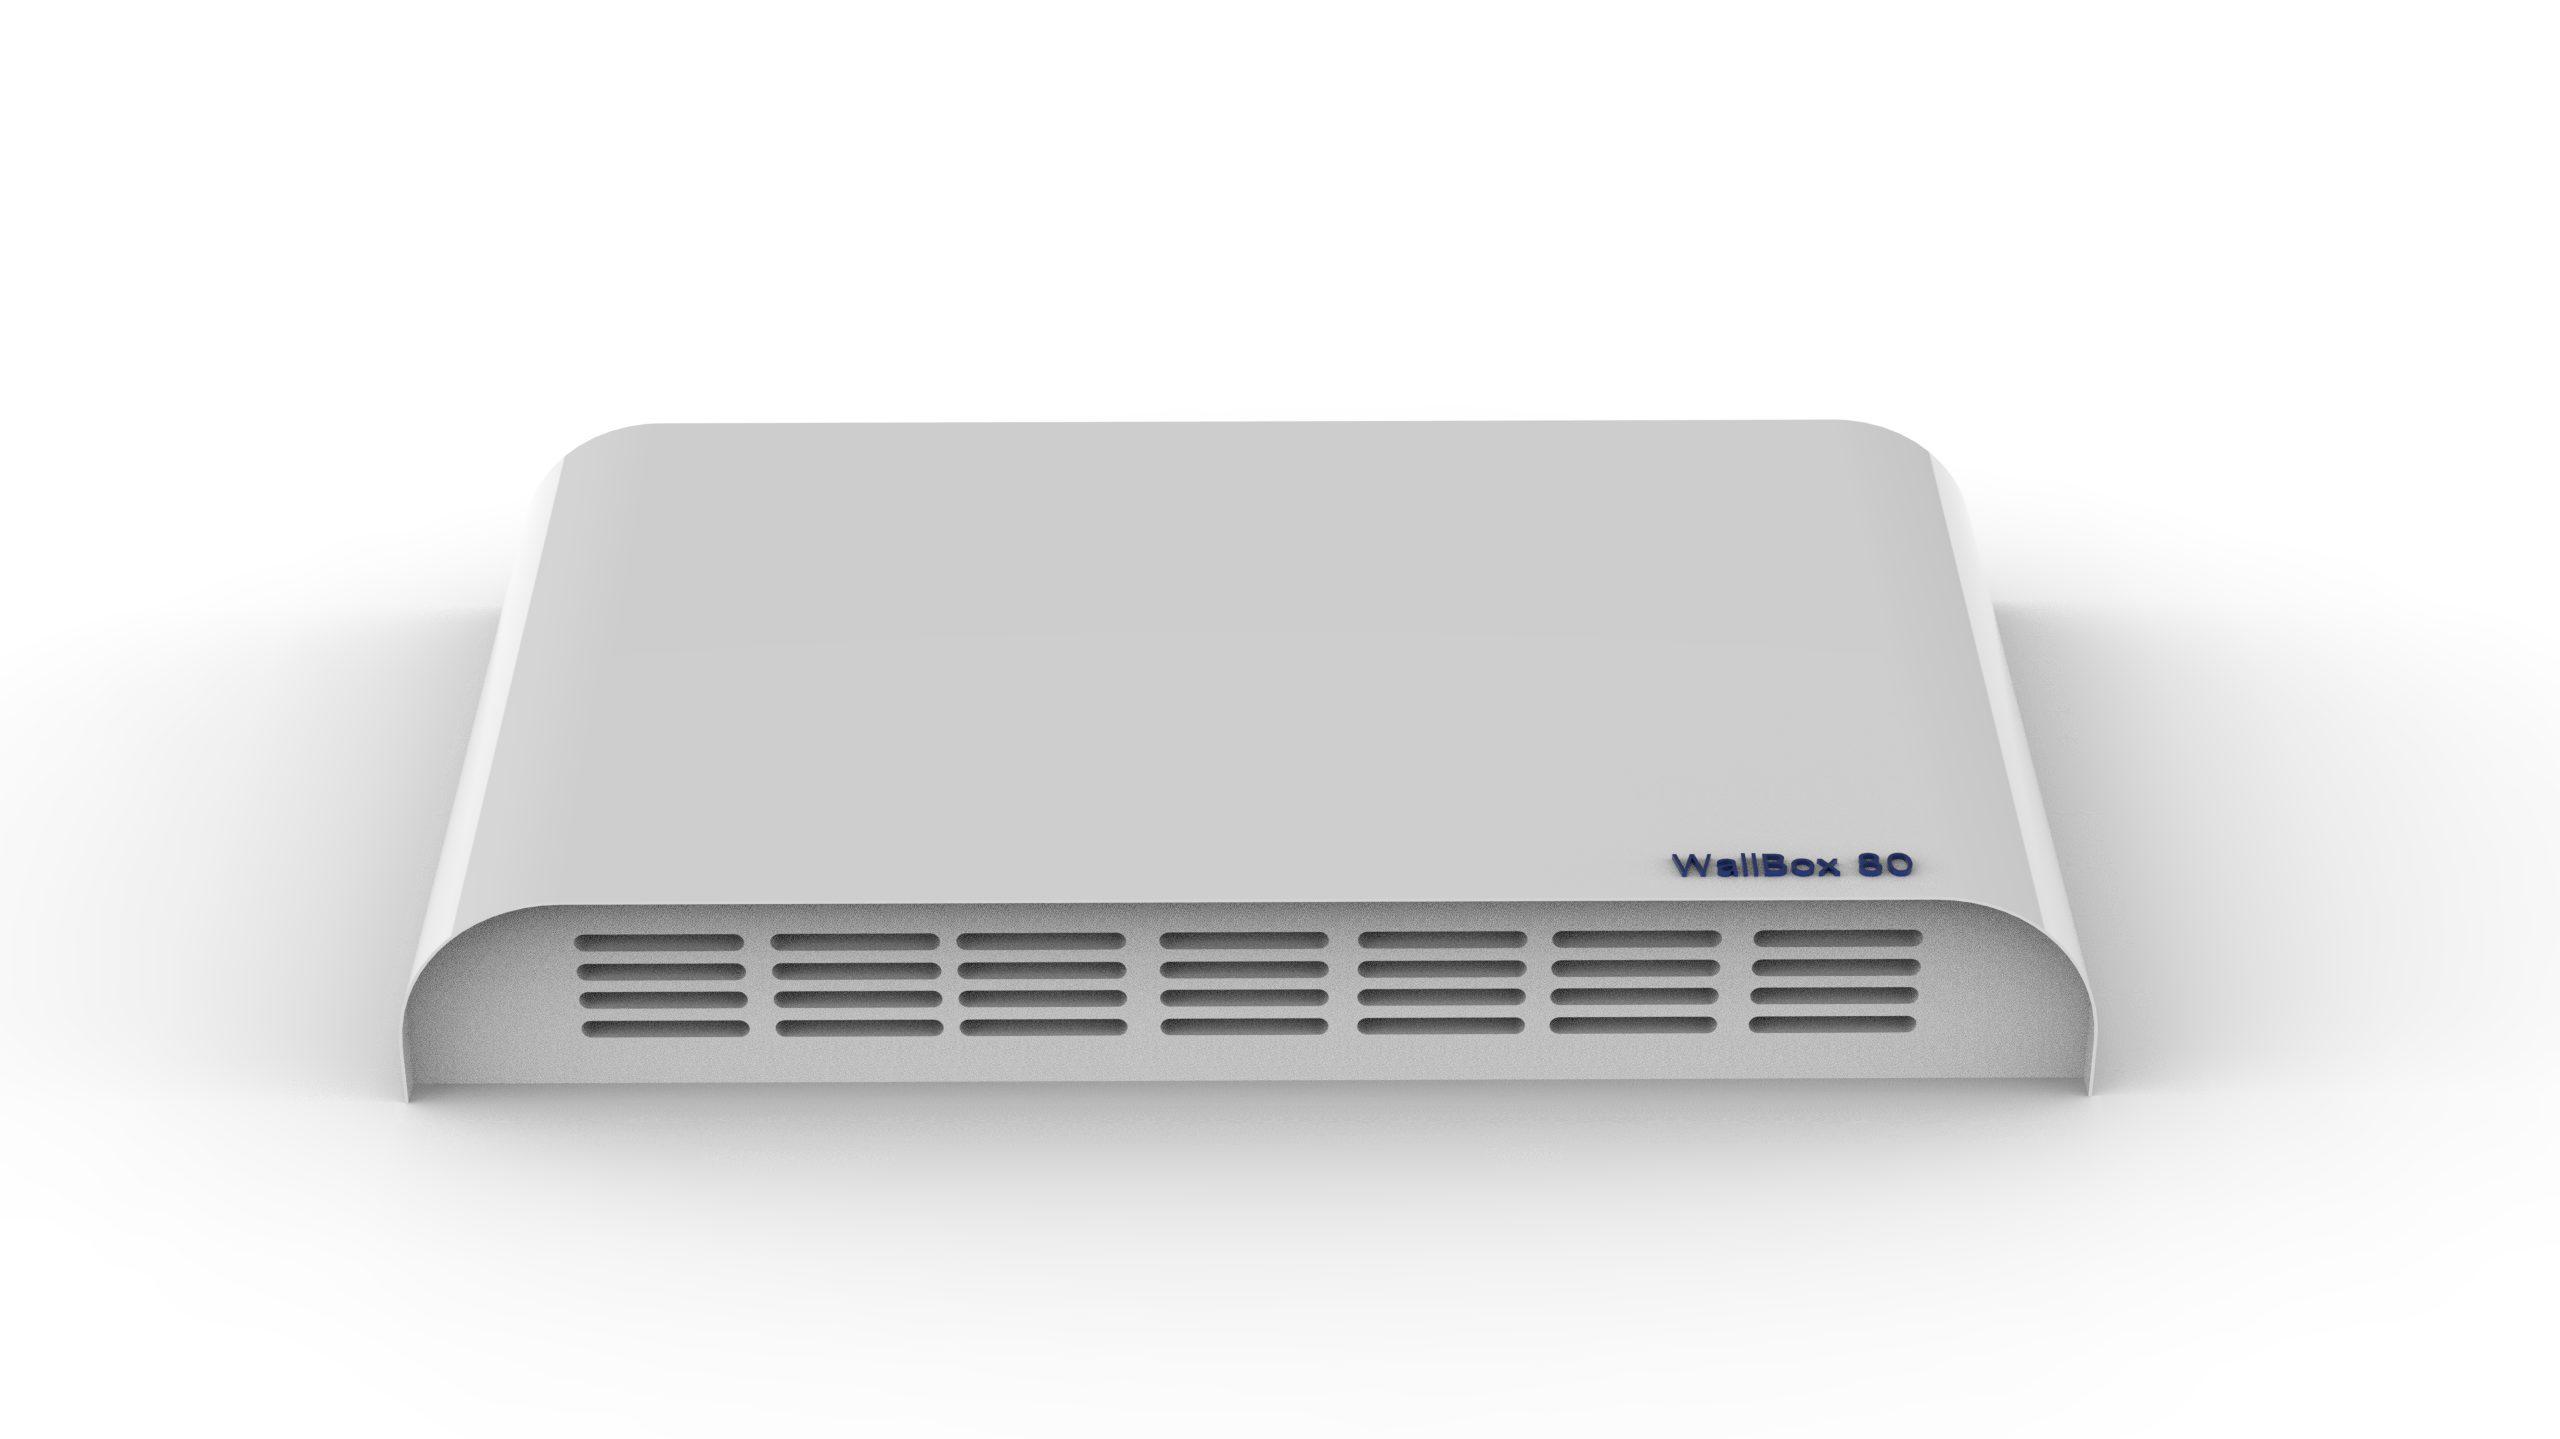 5-img Wallbox 80